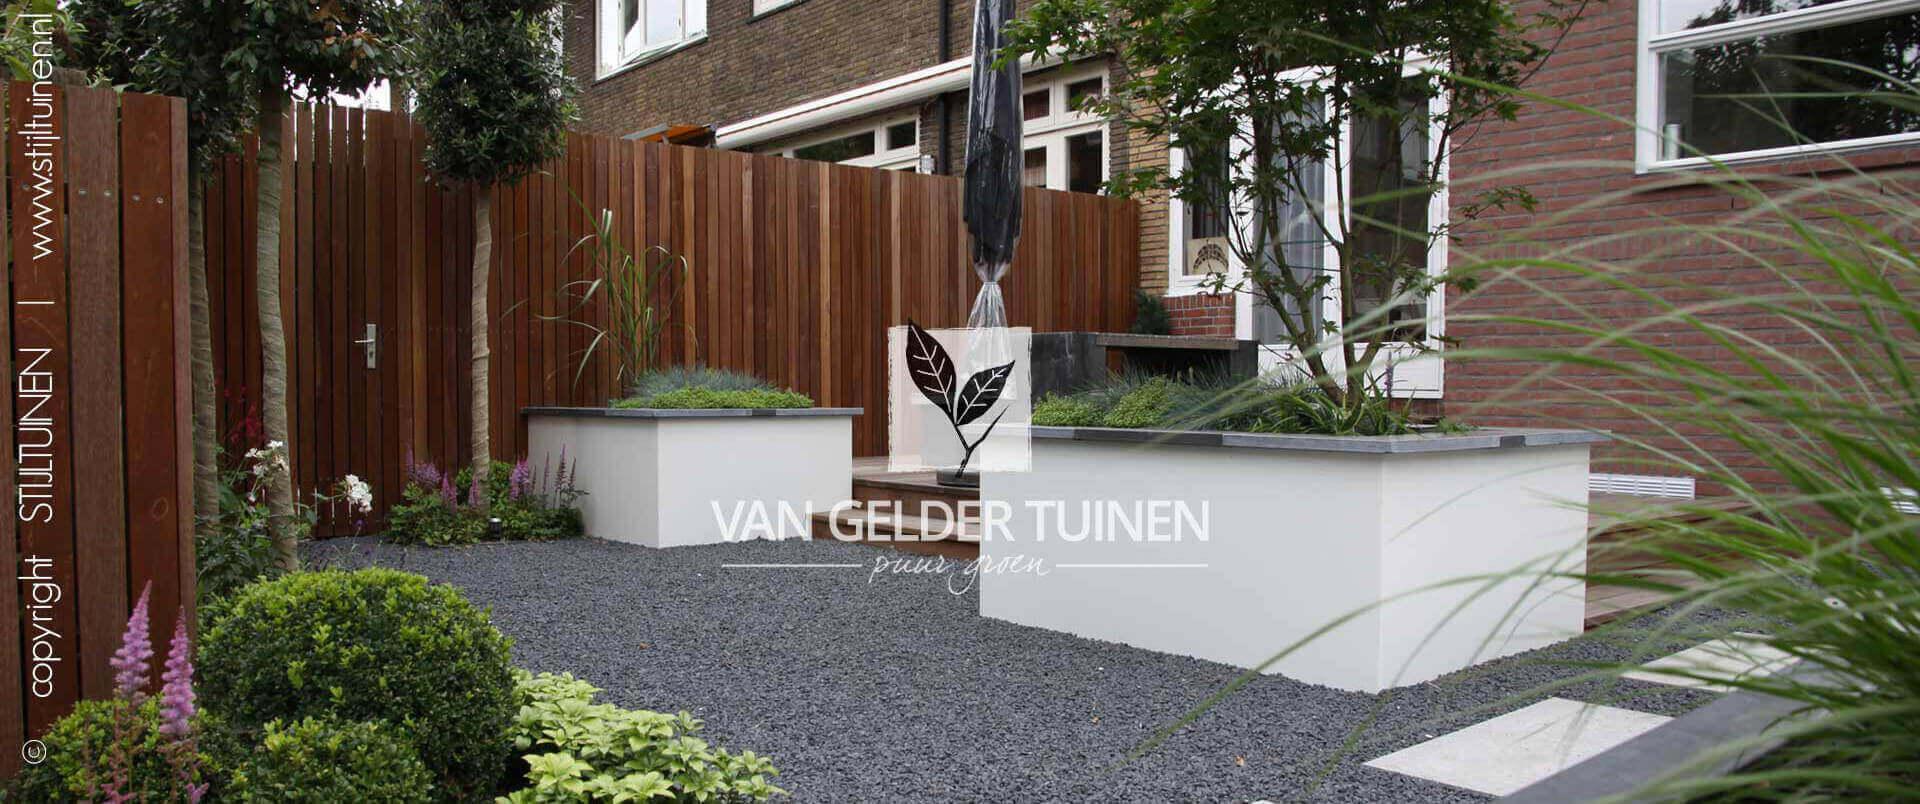 Moderne stijlvolle stadstuin. Tuinaanleg en ontwerp door Van Gelder Tuinen